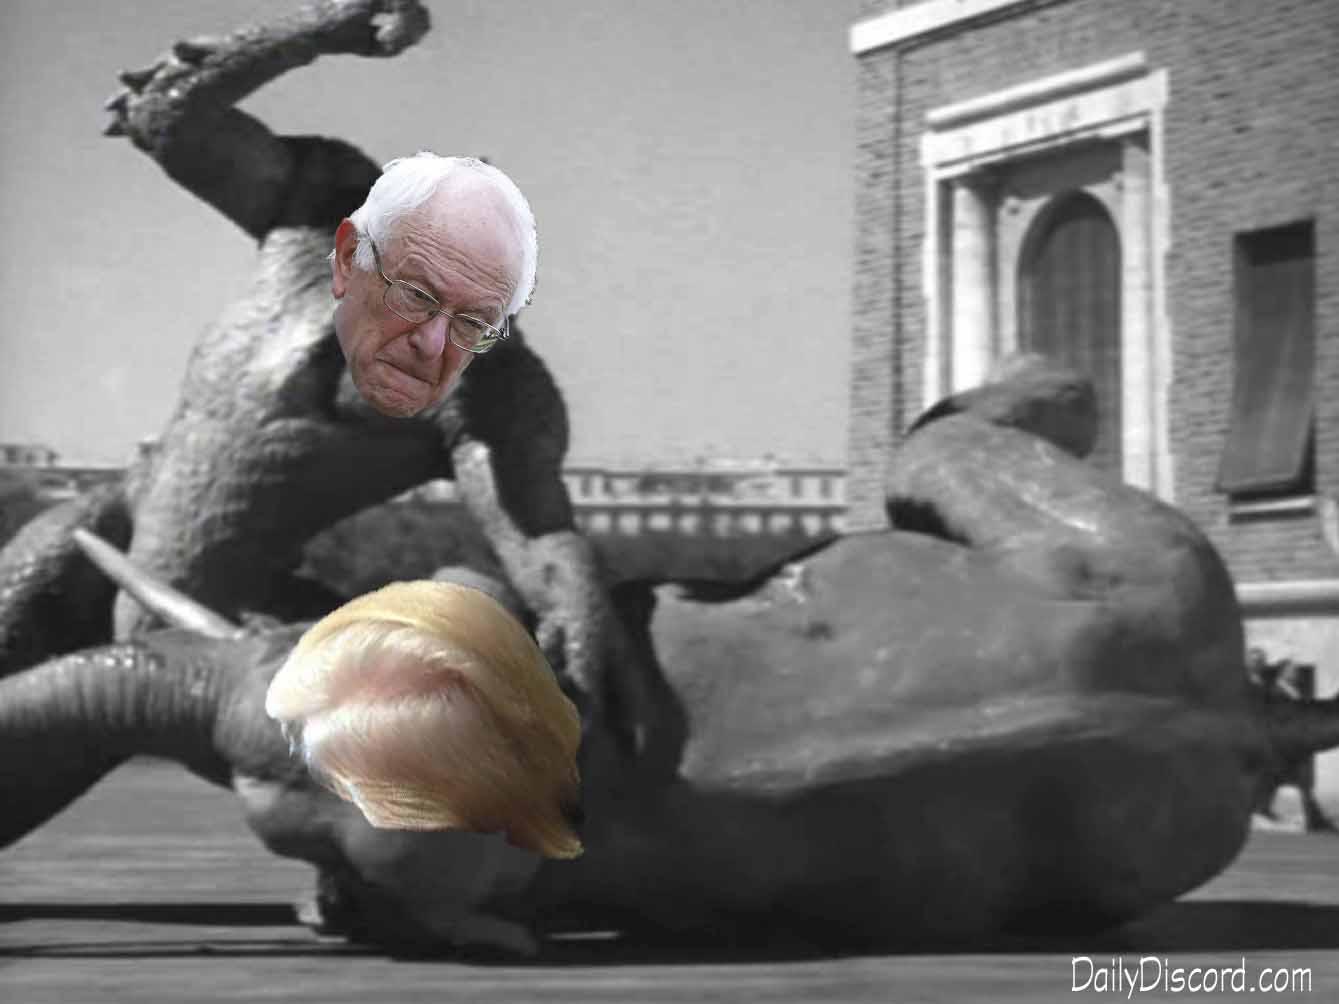 BernieVTrumpML